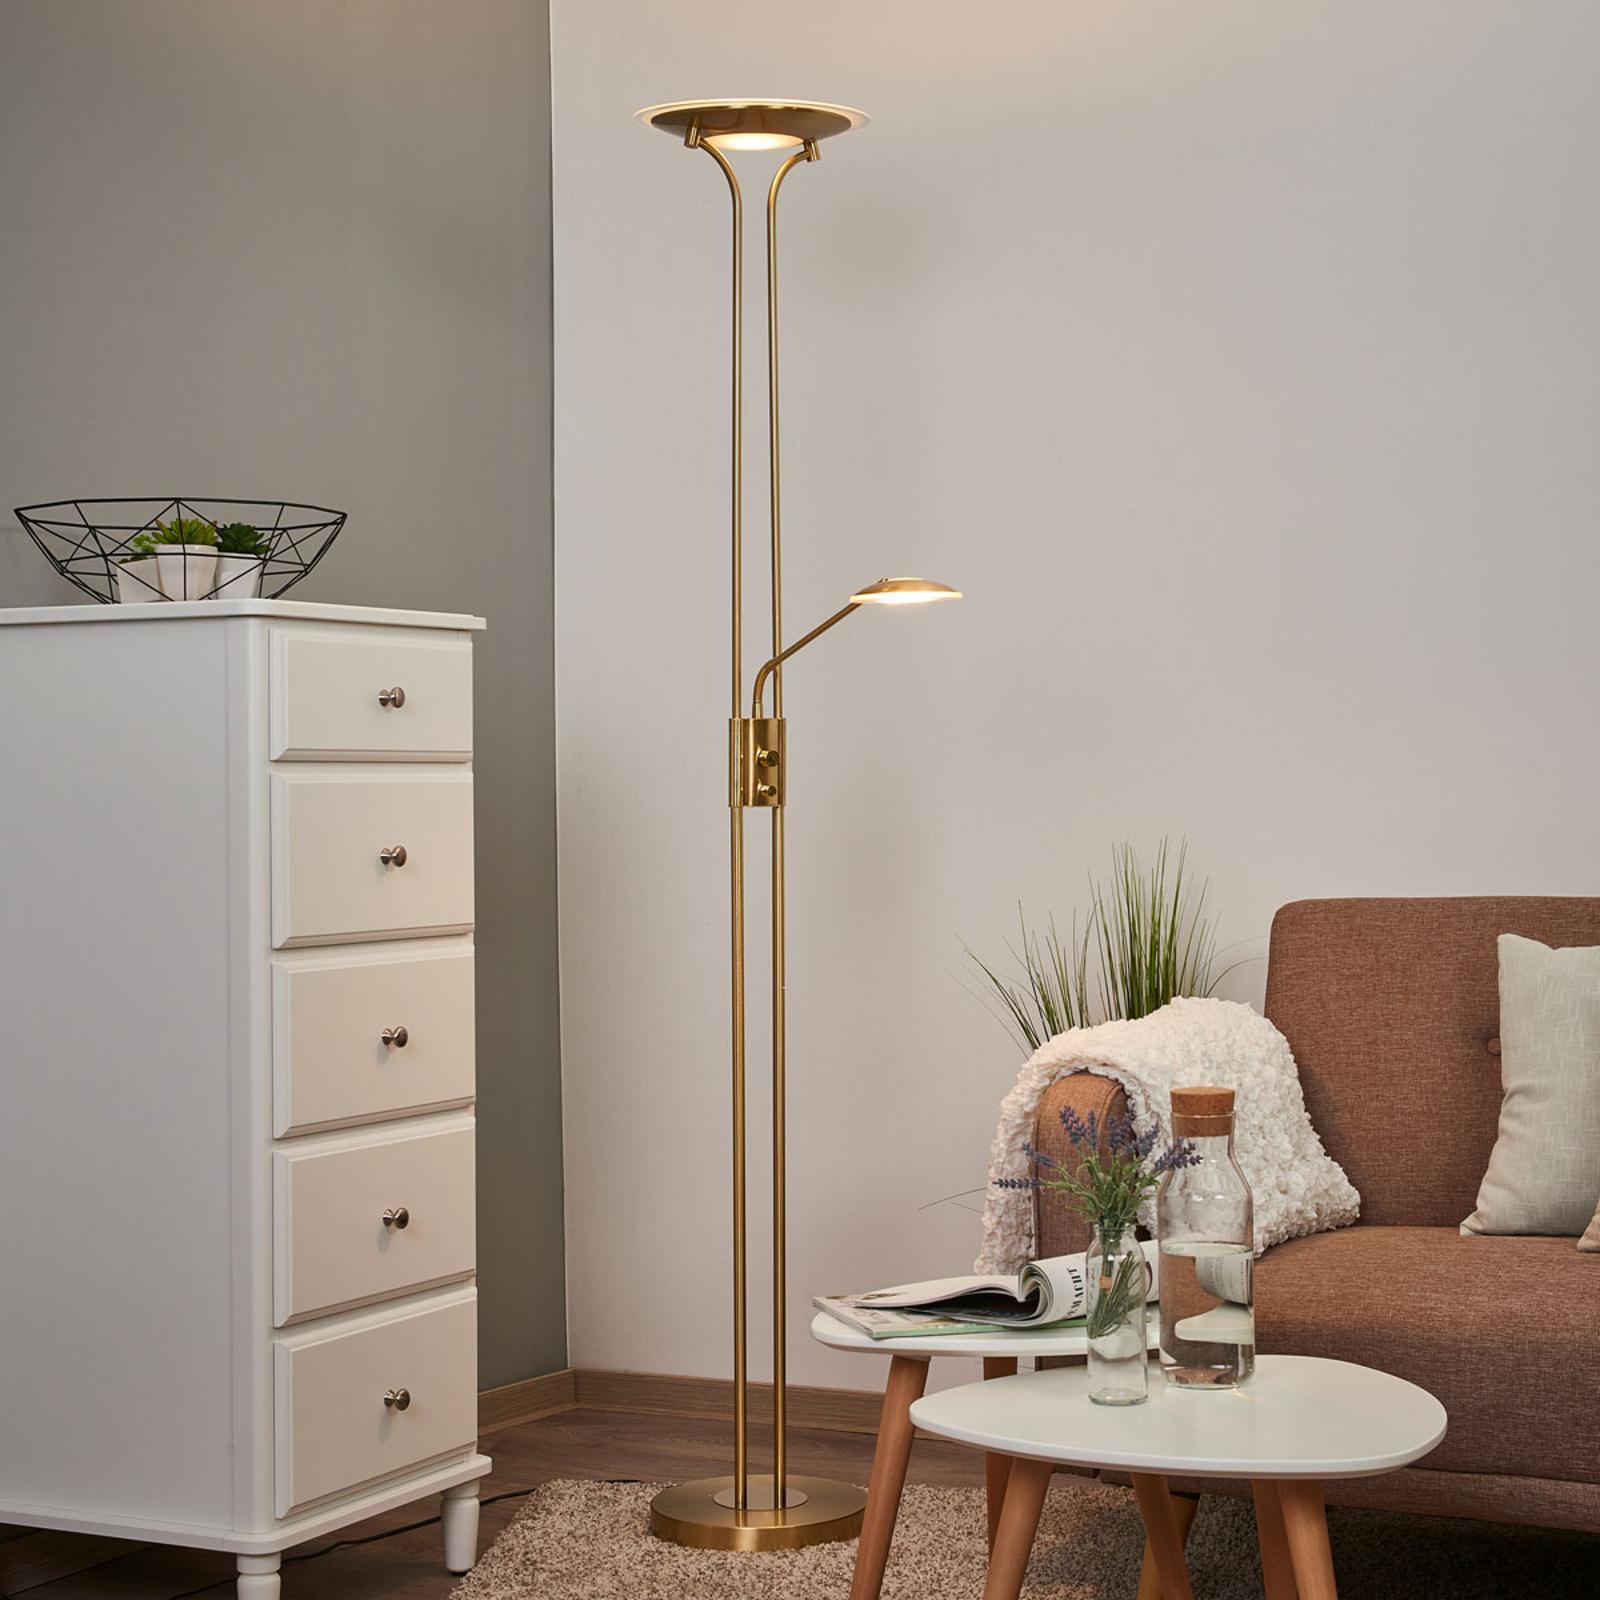 Lampa stojąca LED Aras z l. do czytania, mosiądz